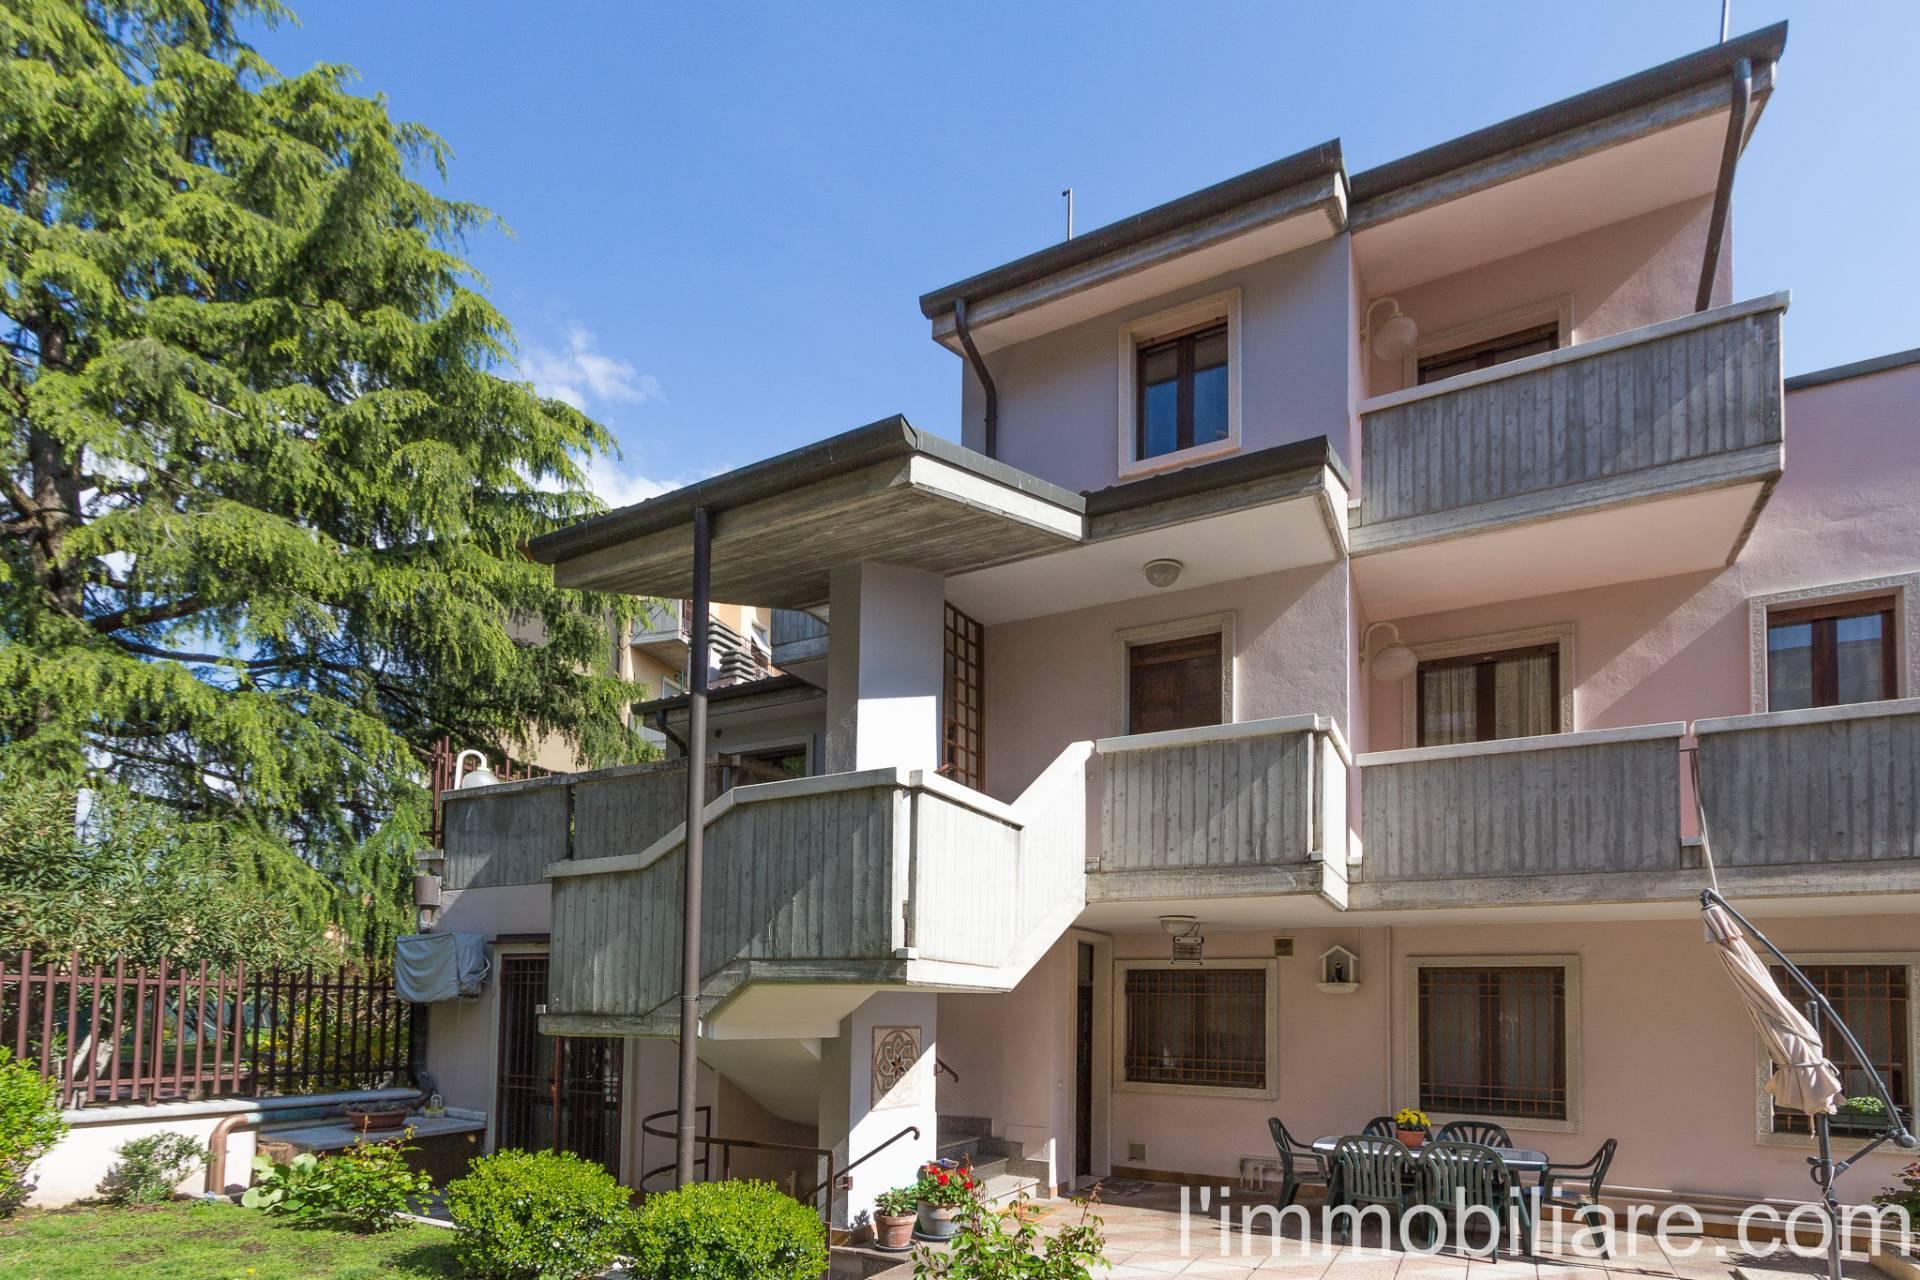 Appartamento in vendita a Verona, 5 locali, zona Località: PonteCrencano, prezzo € 359.000 | PortaleAgenzieImmobiliari.it